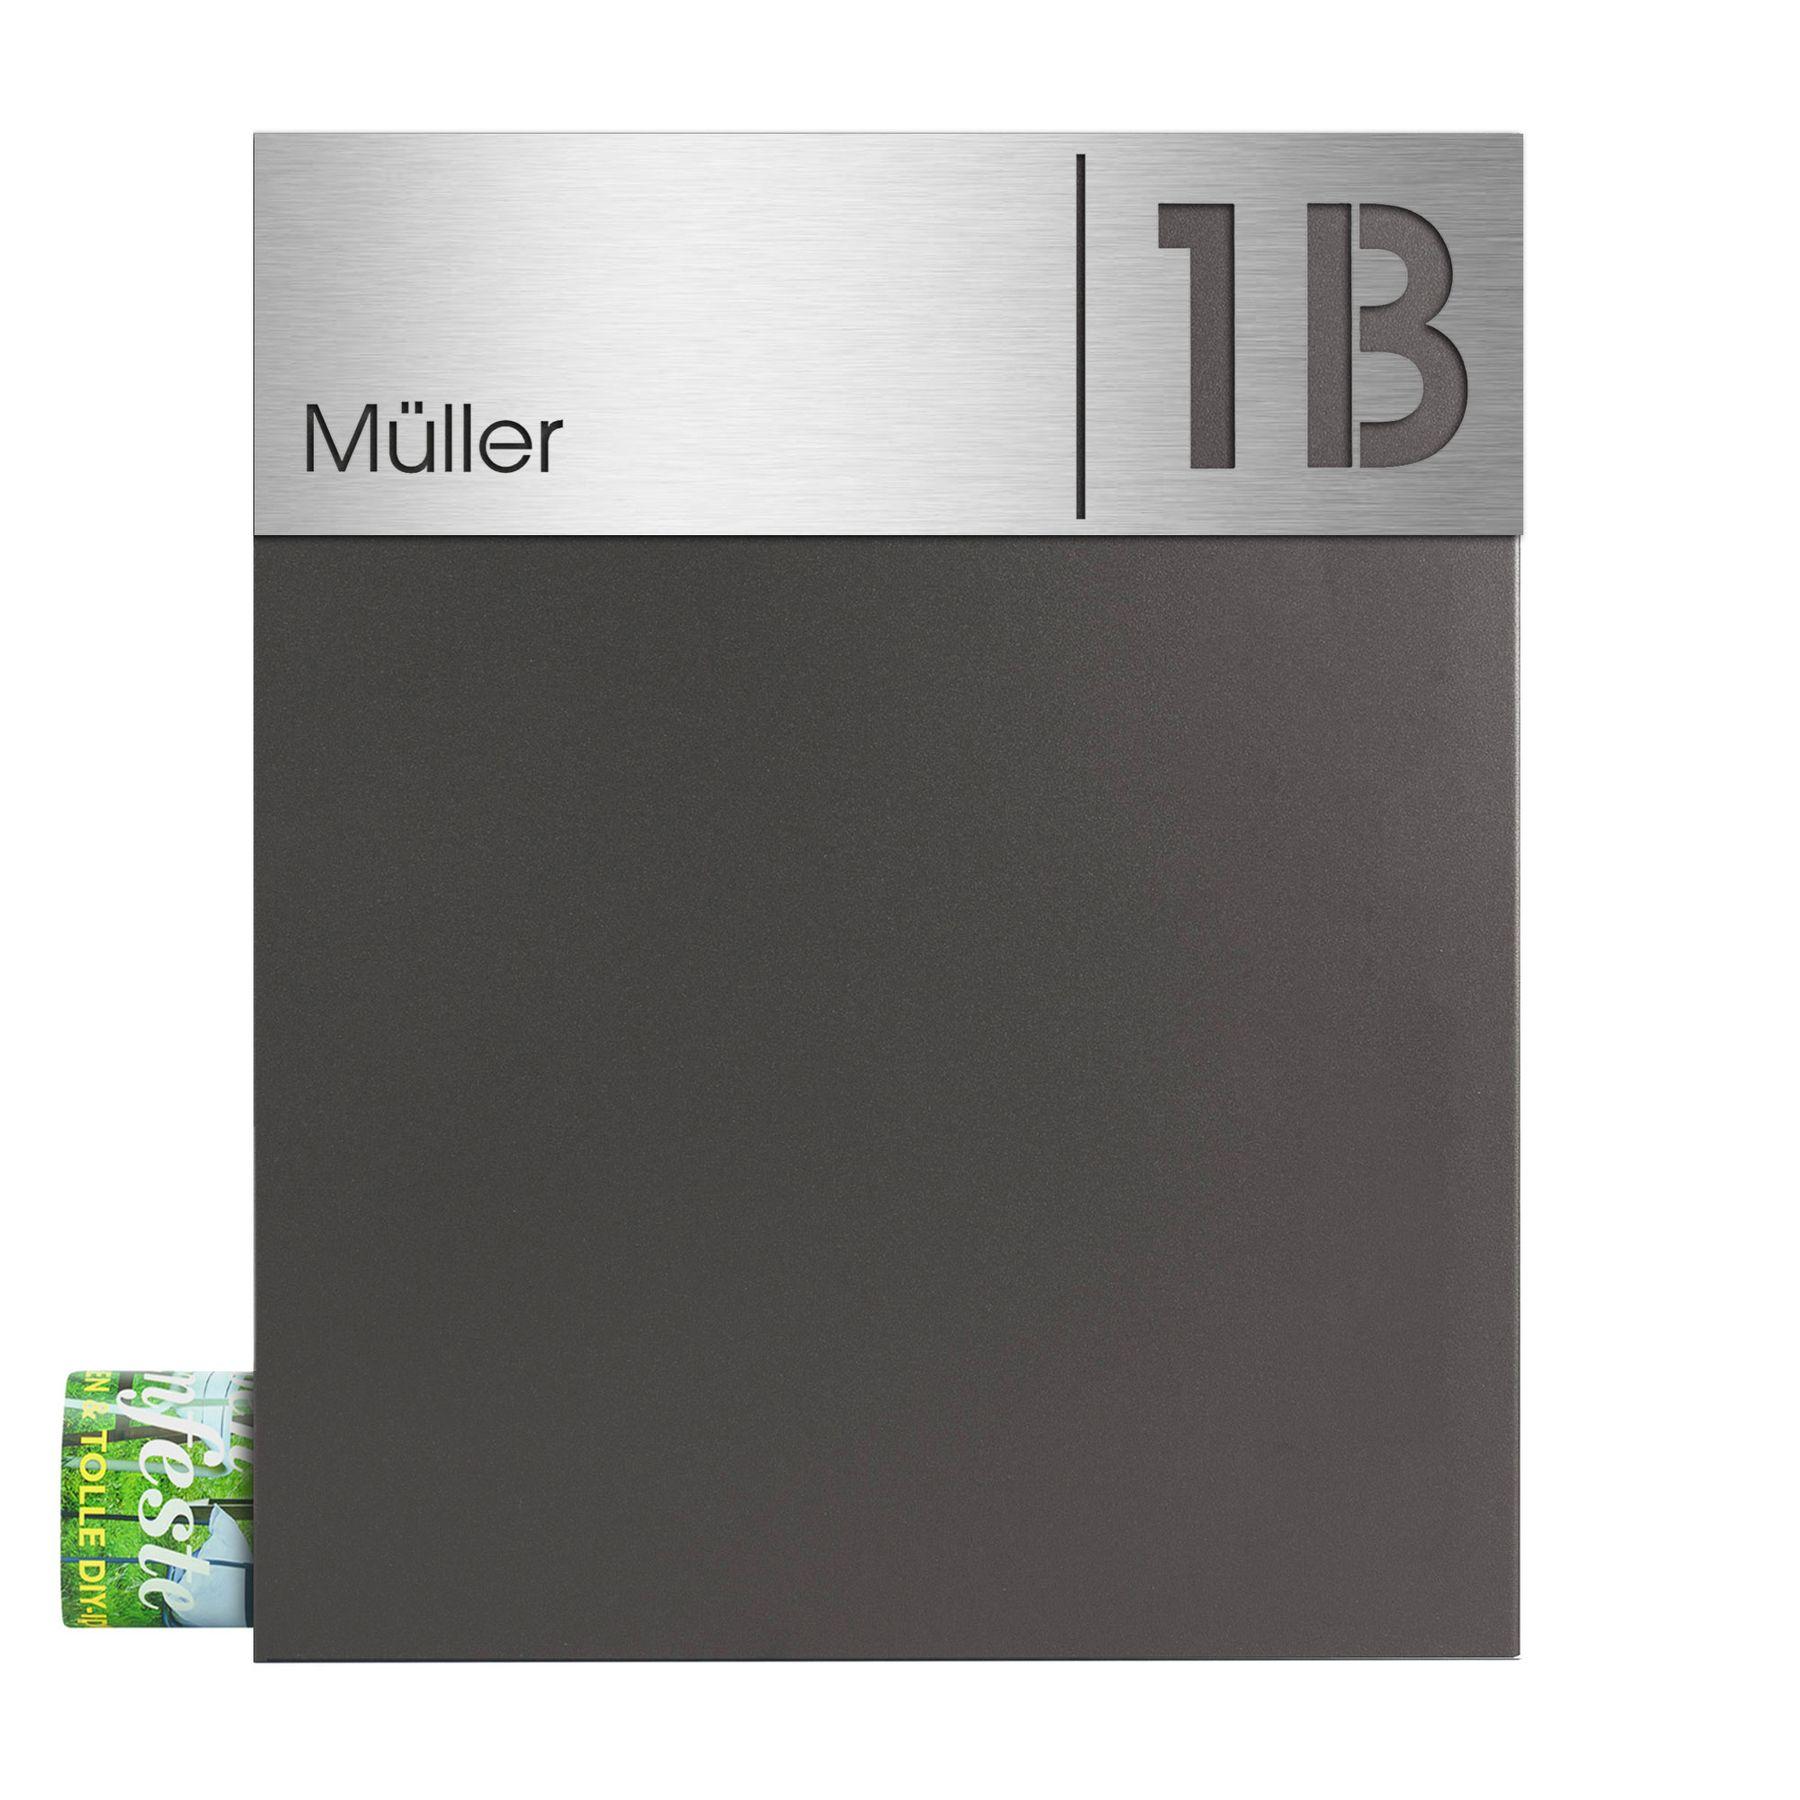 MOCAVI Box 111 Design-Briefkasten mit Name und Hausnummer V4A-Edelstahl /  anthrazit eisenglimmer DB 703 Zeitungsfach